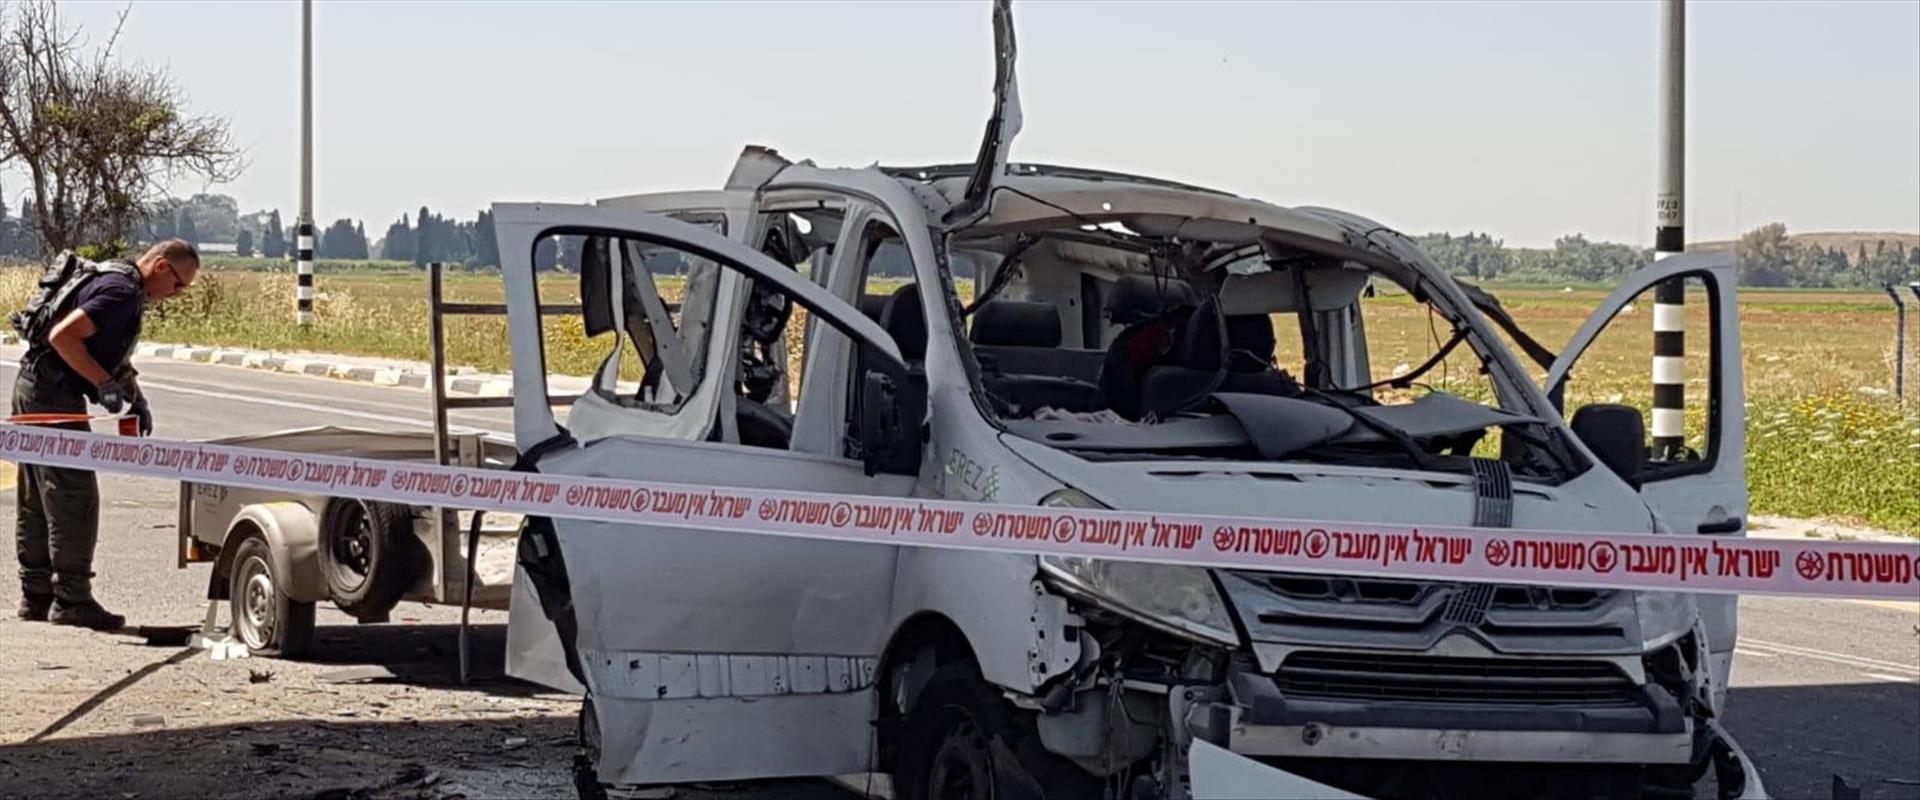 הרכב שנפגע מטיל קורנט סמוך ליד מרדכי